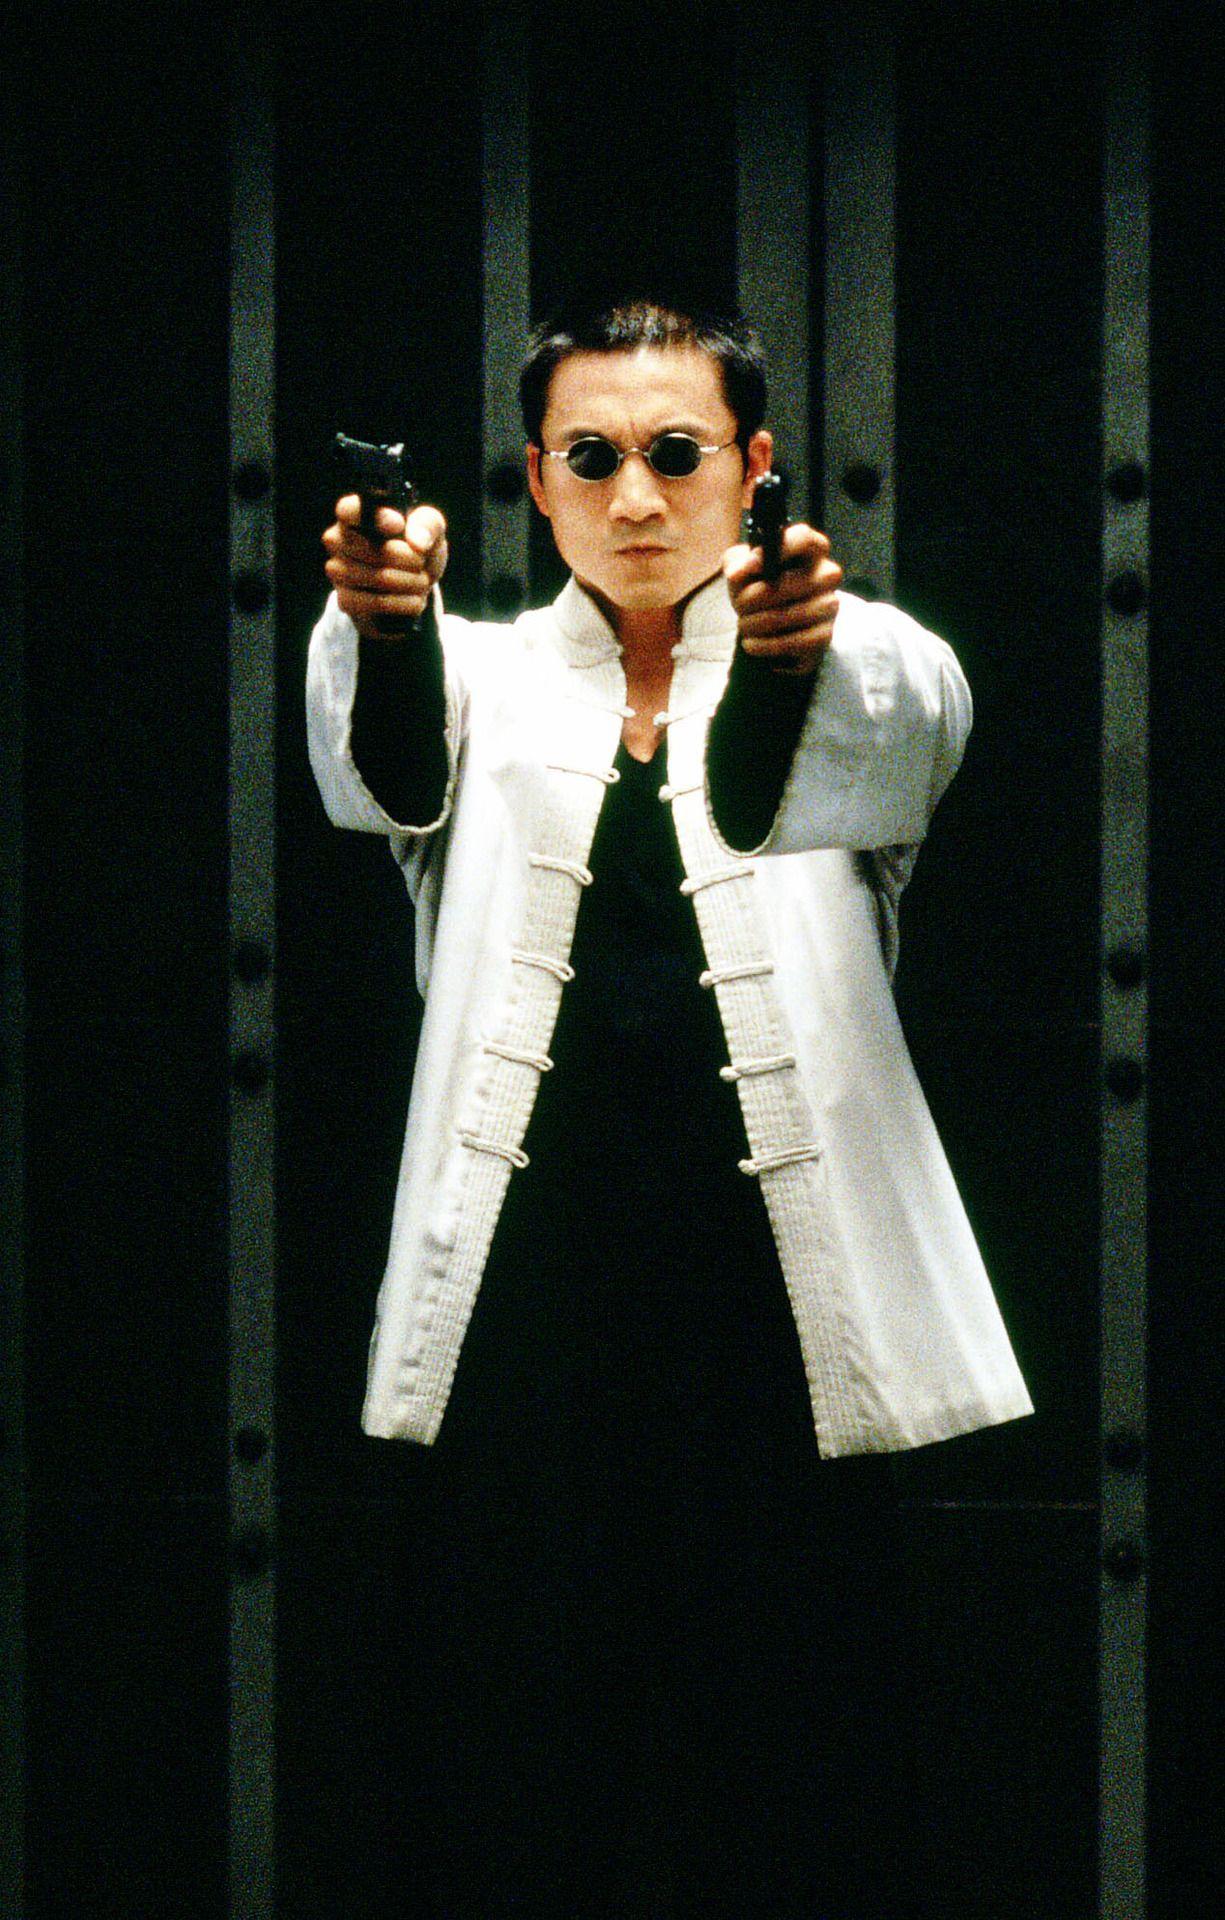 Collin Chou as Seraph in The Matrix Revolutions   Film